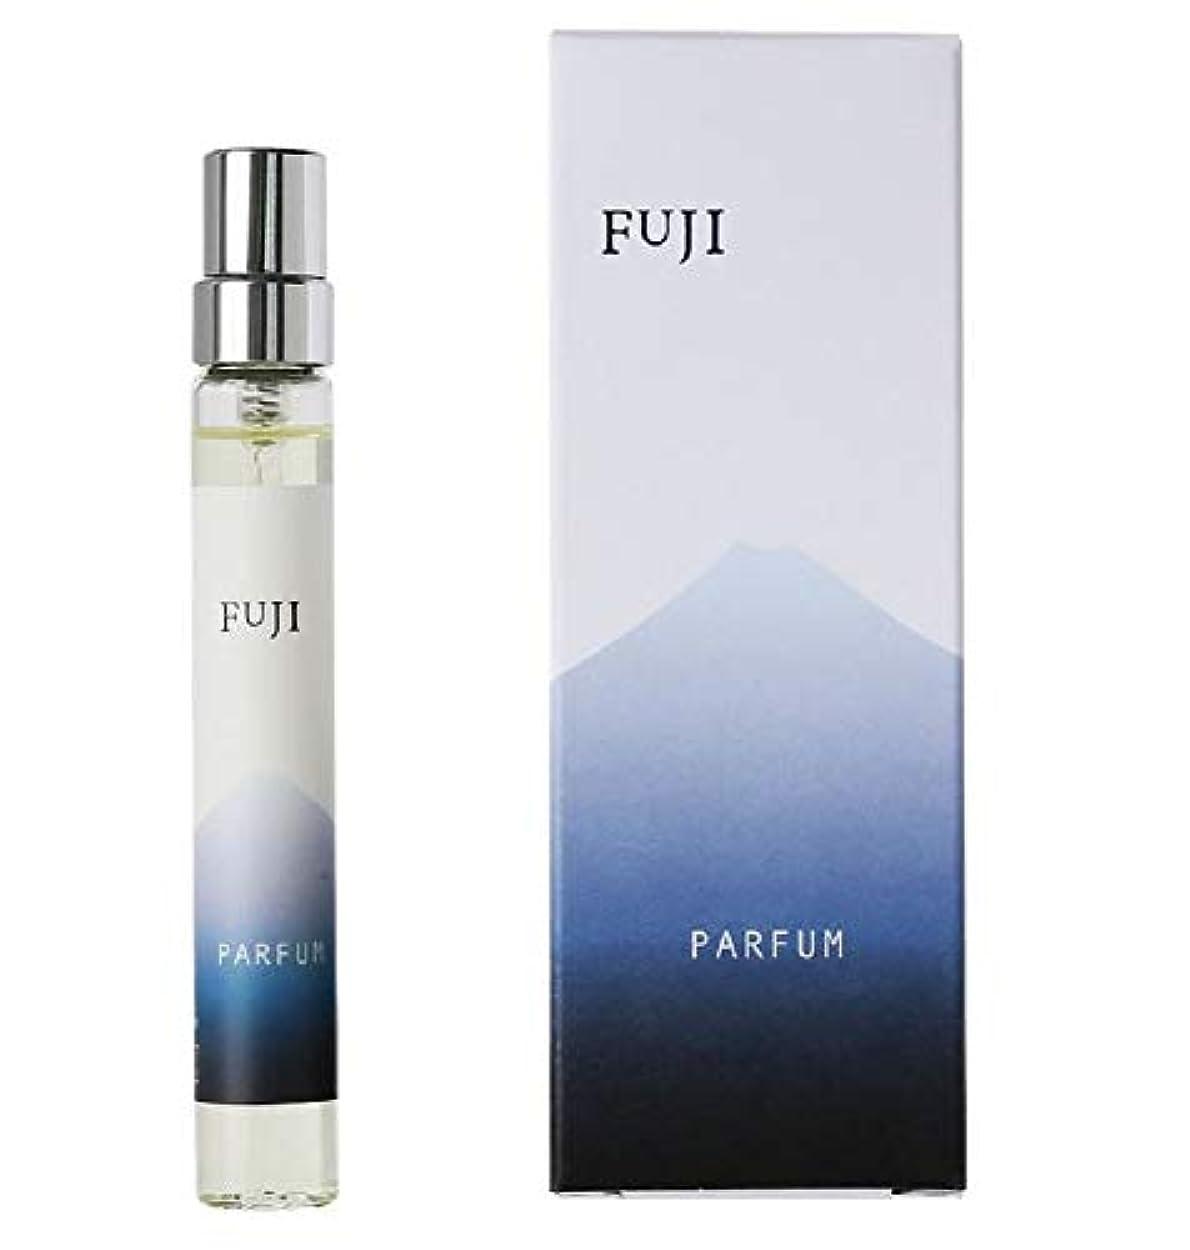 パルファム フジ fuji 香水「PARFUM FUJI(パルファム?フジ)」